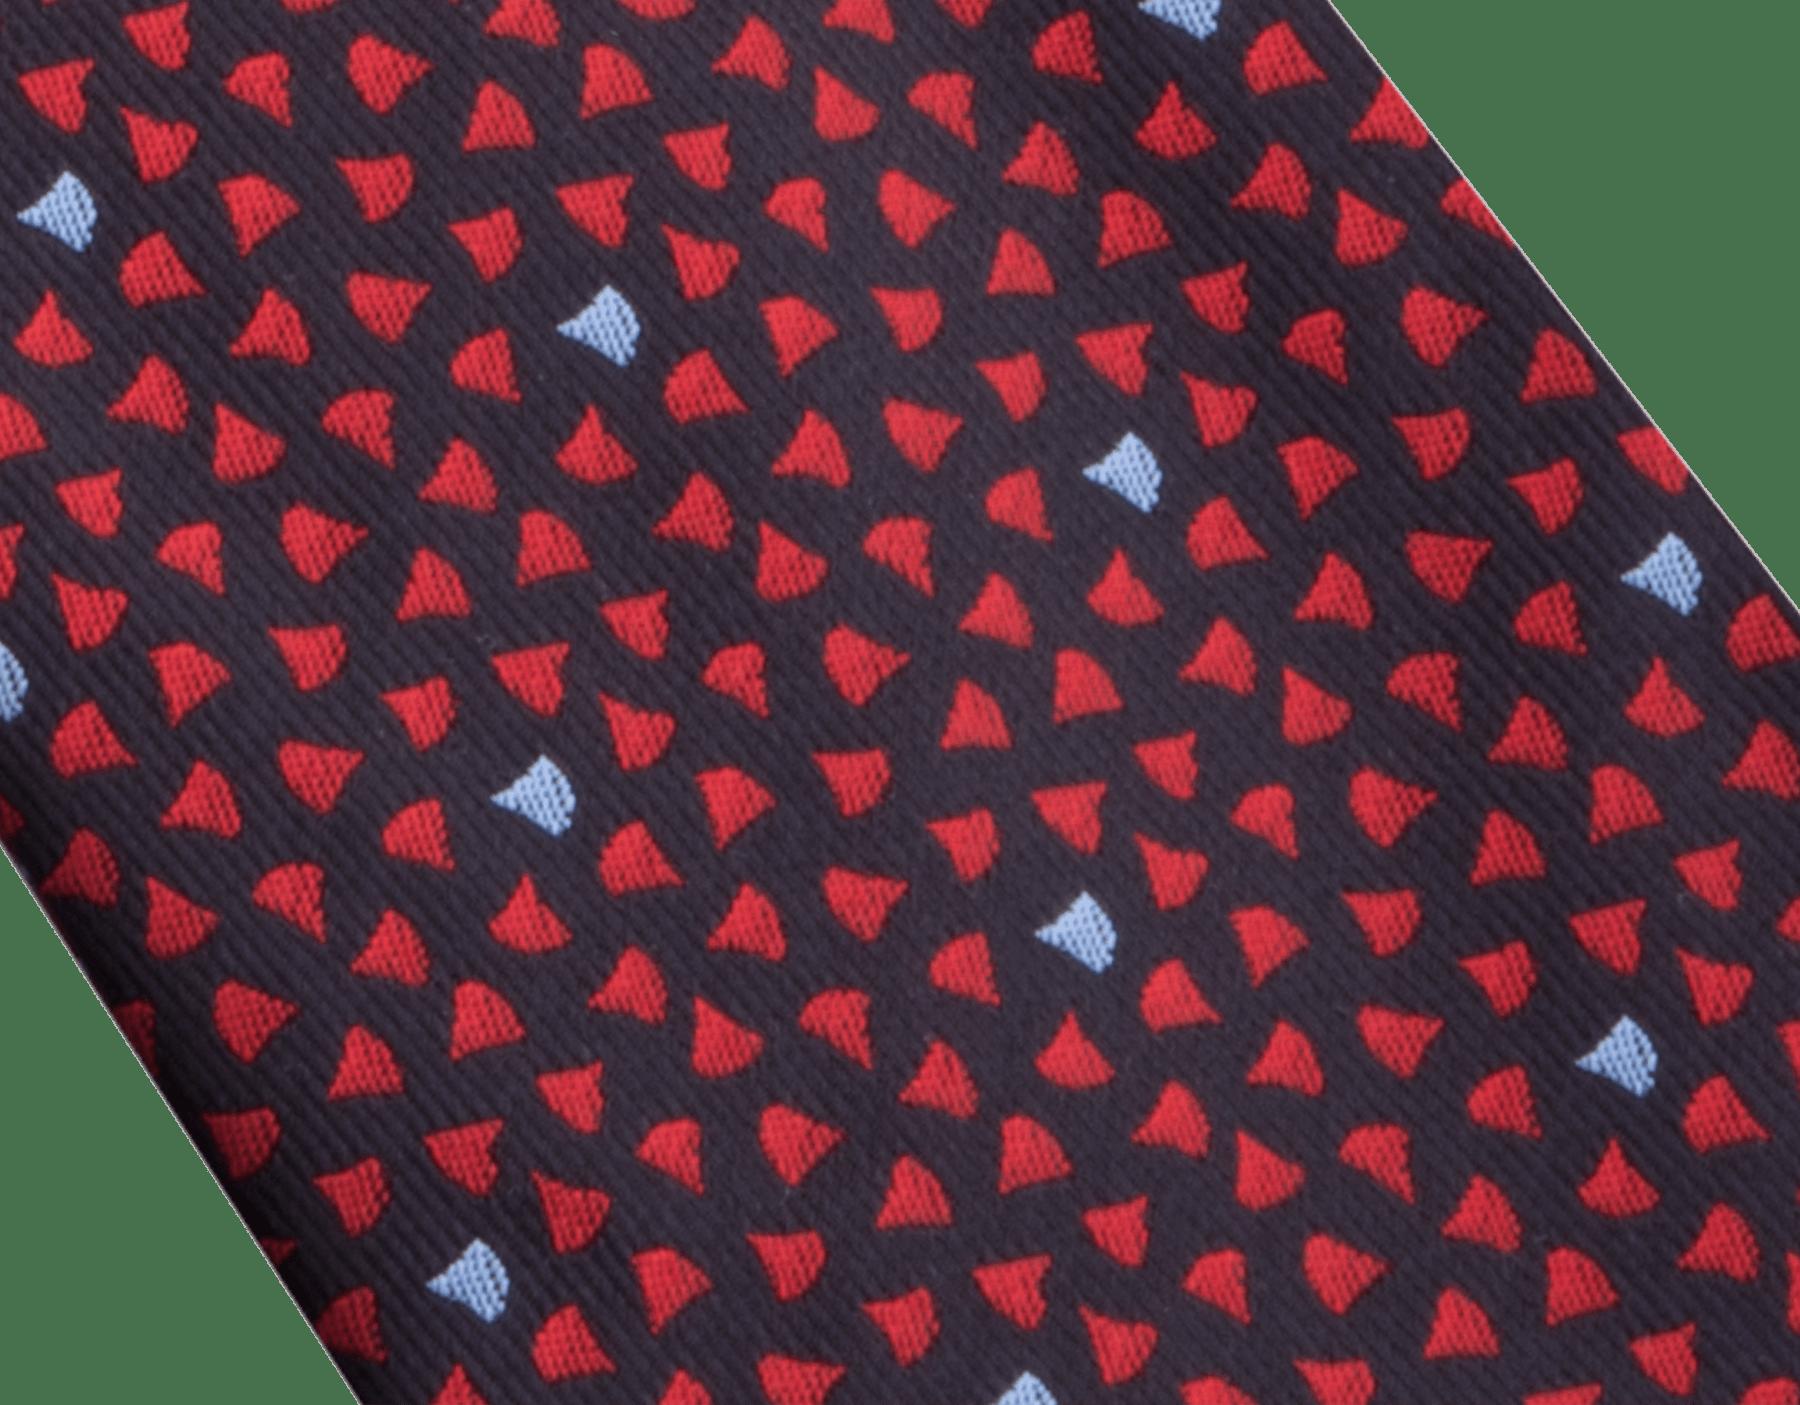 Red Double Diva Heat pattern tie in fine silk. 243431 image 2